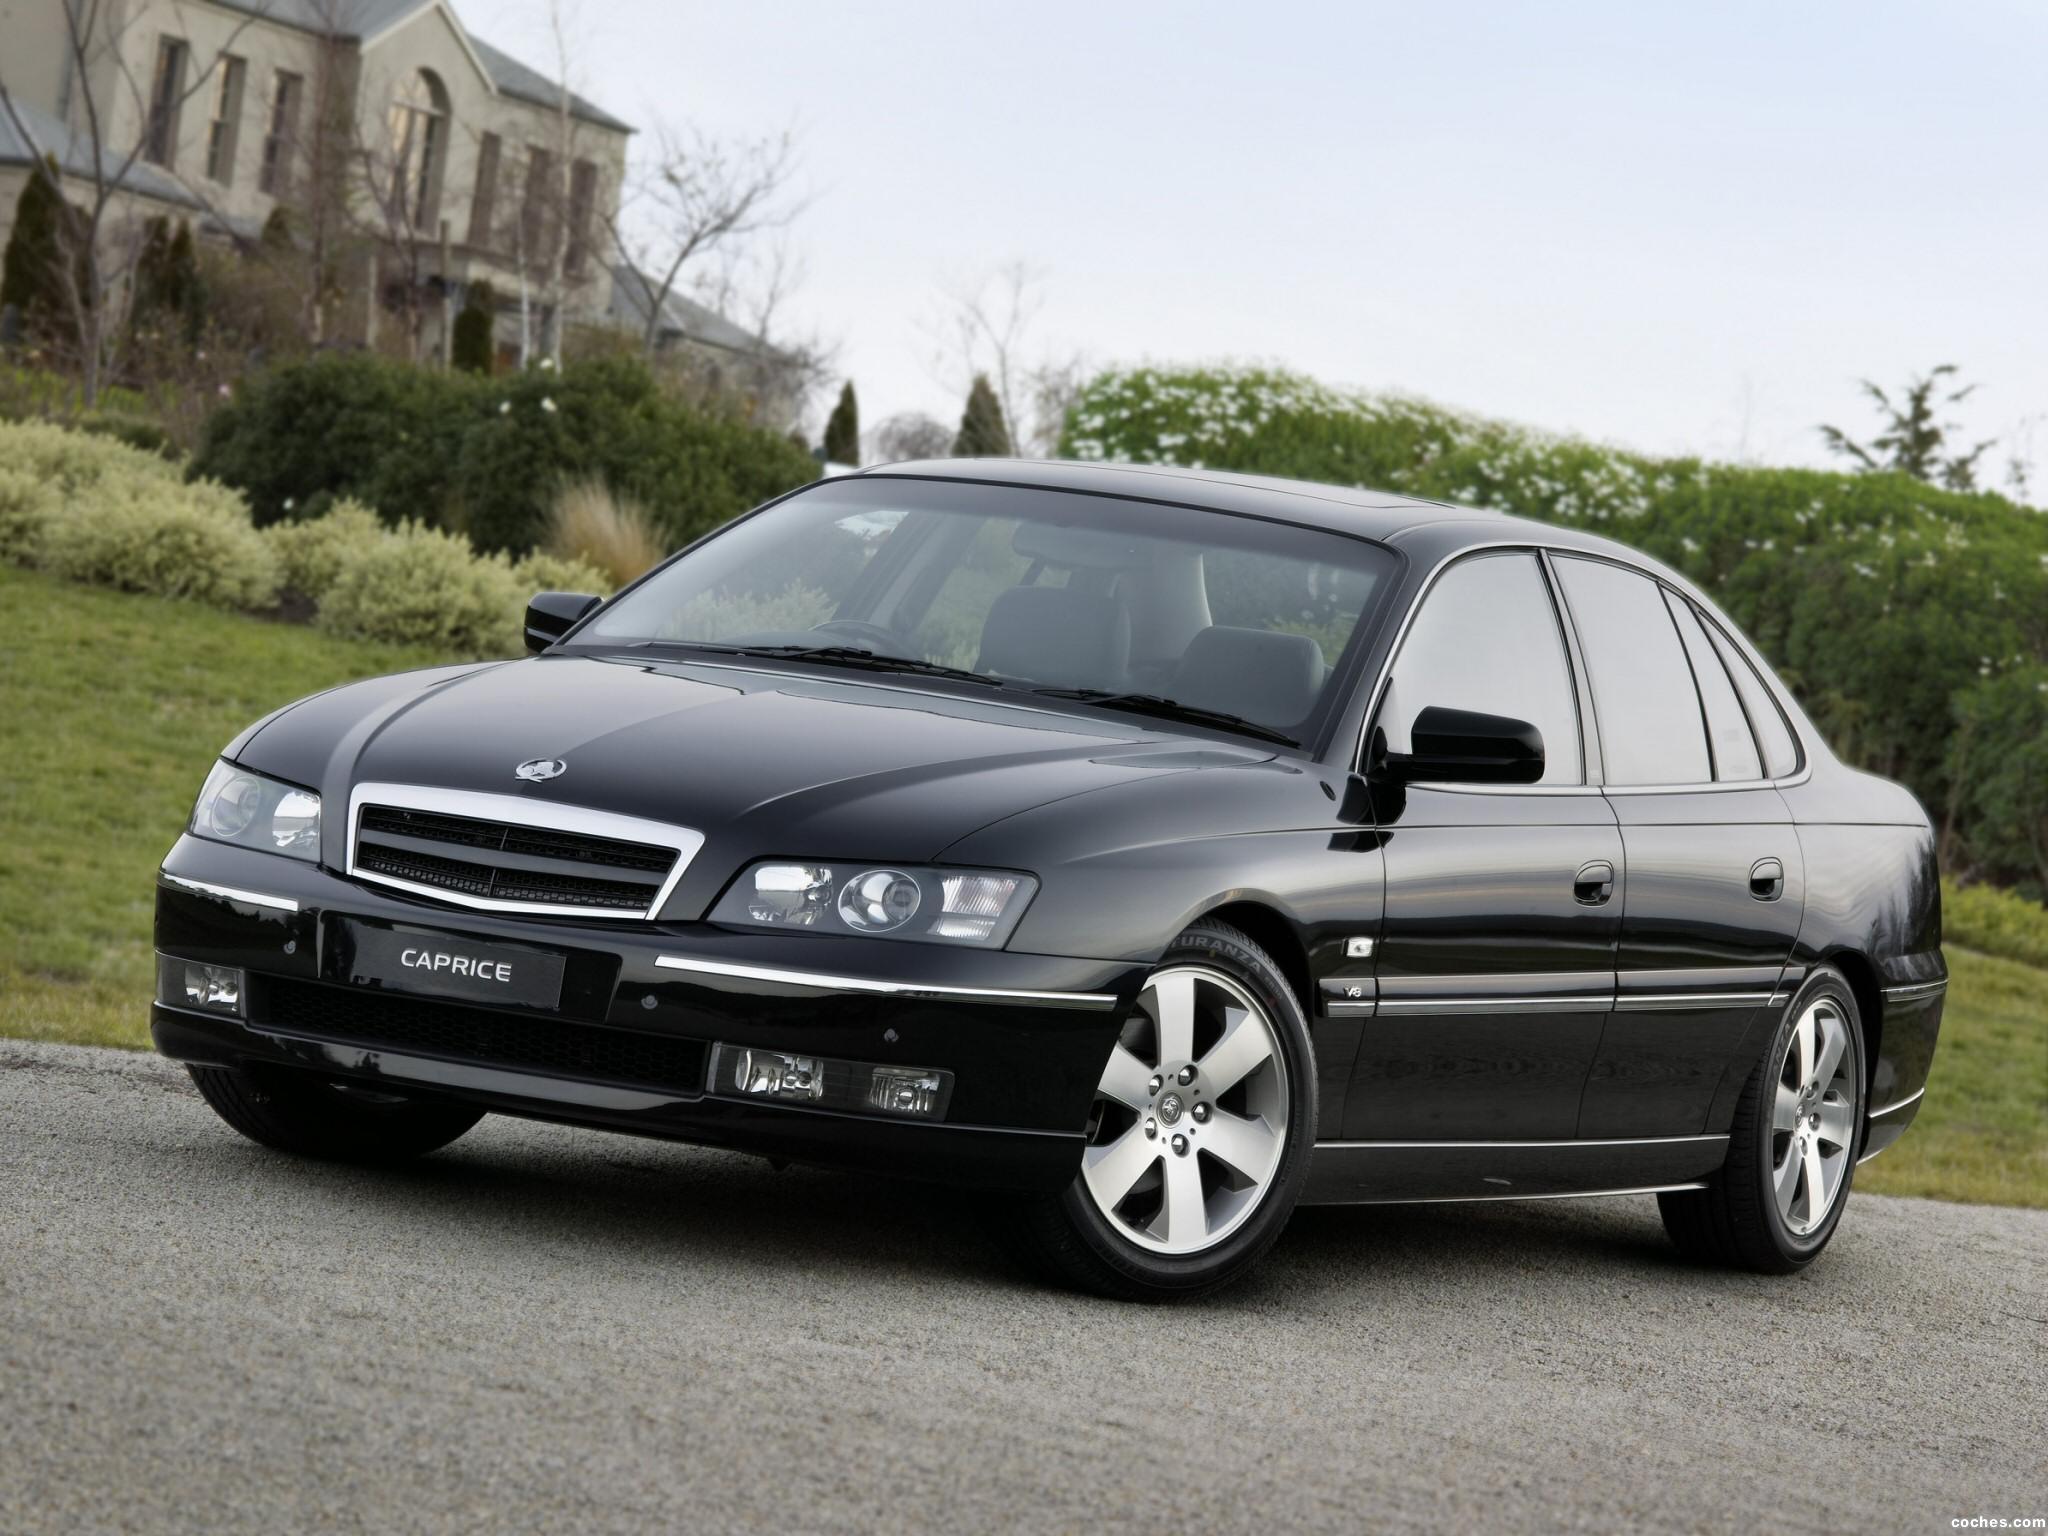 Foto 0 de Holden Caprice WL 2004